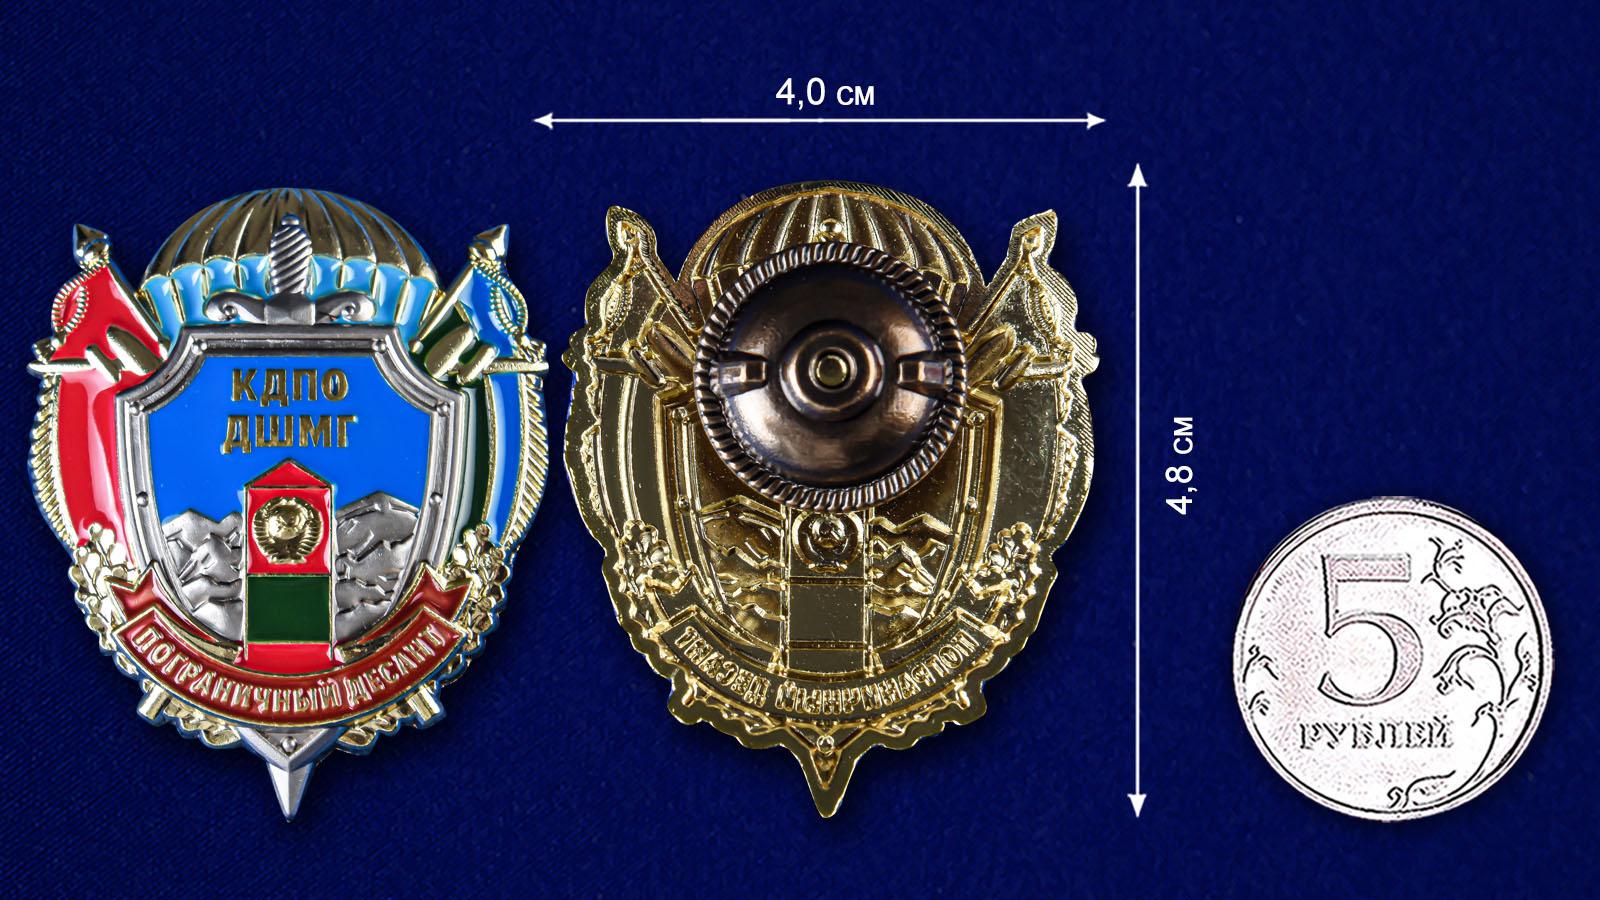 Латунный знак КДПО ДШМГ Пограничный десант - сравнительный вид